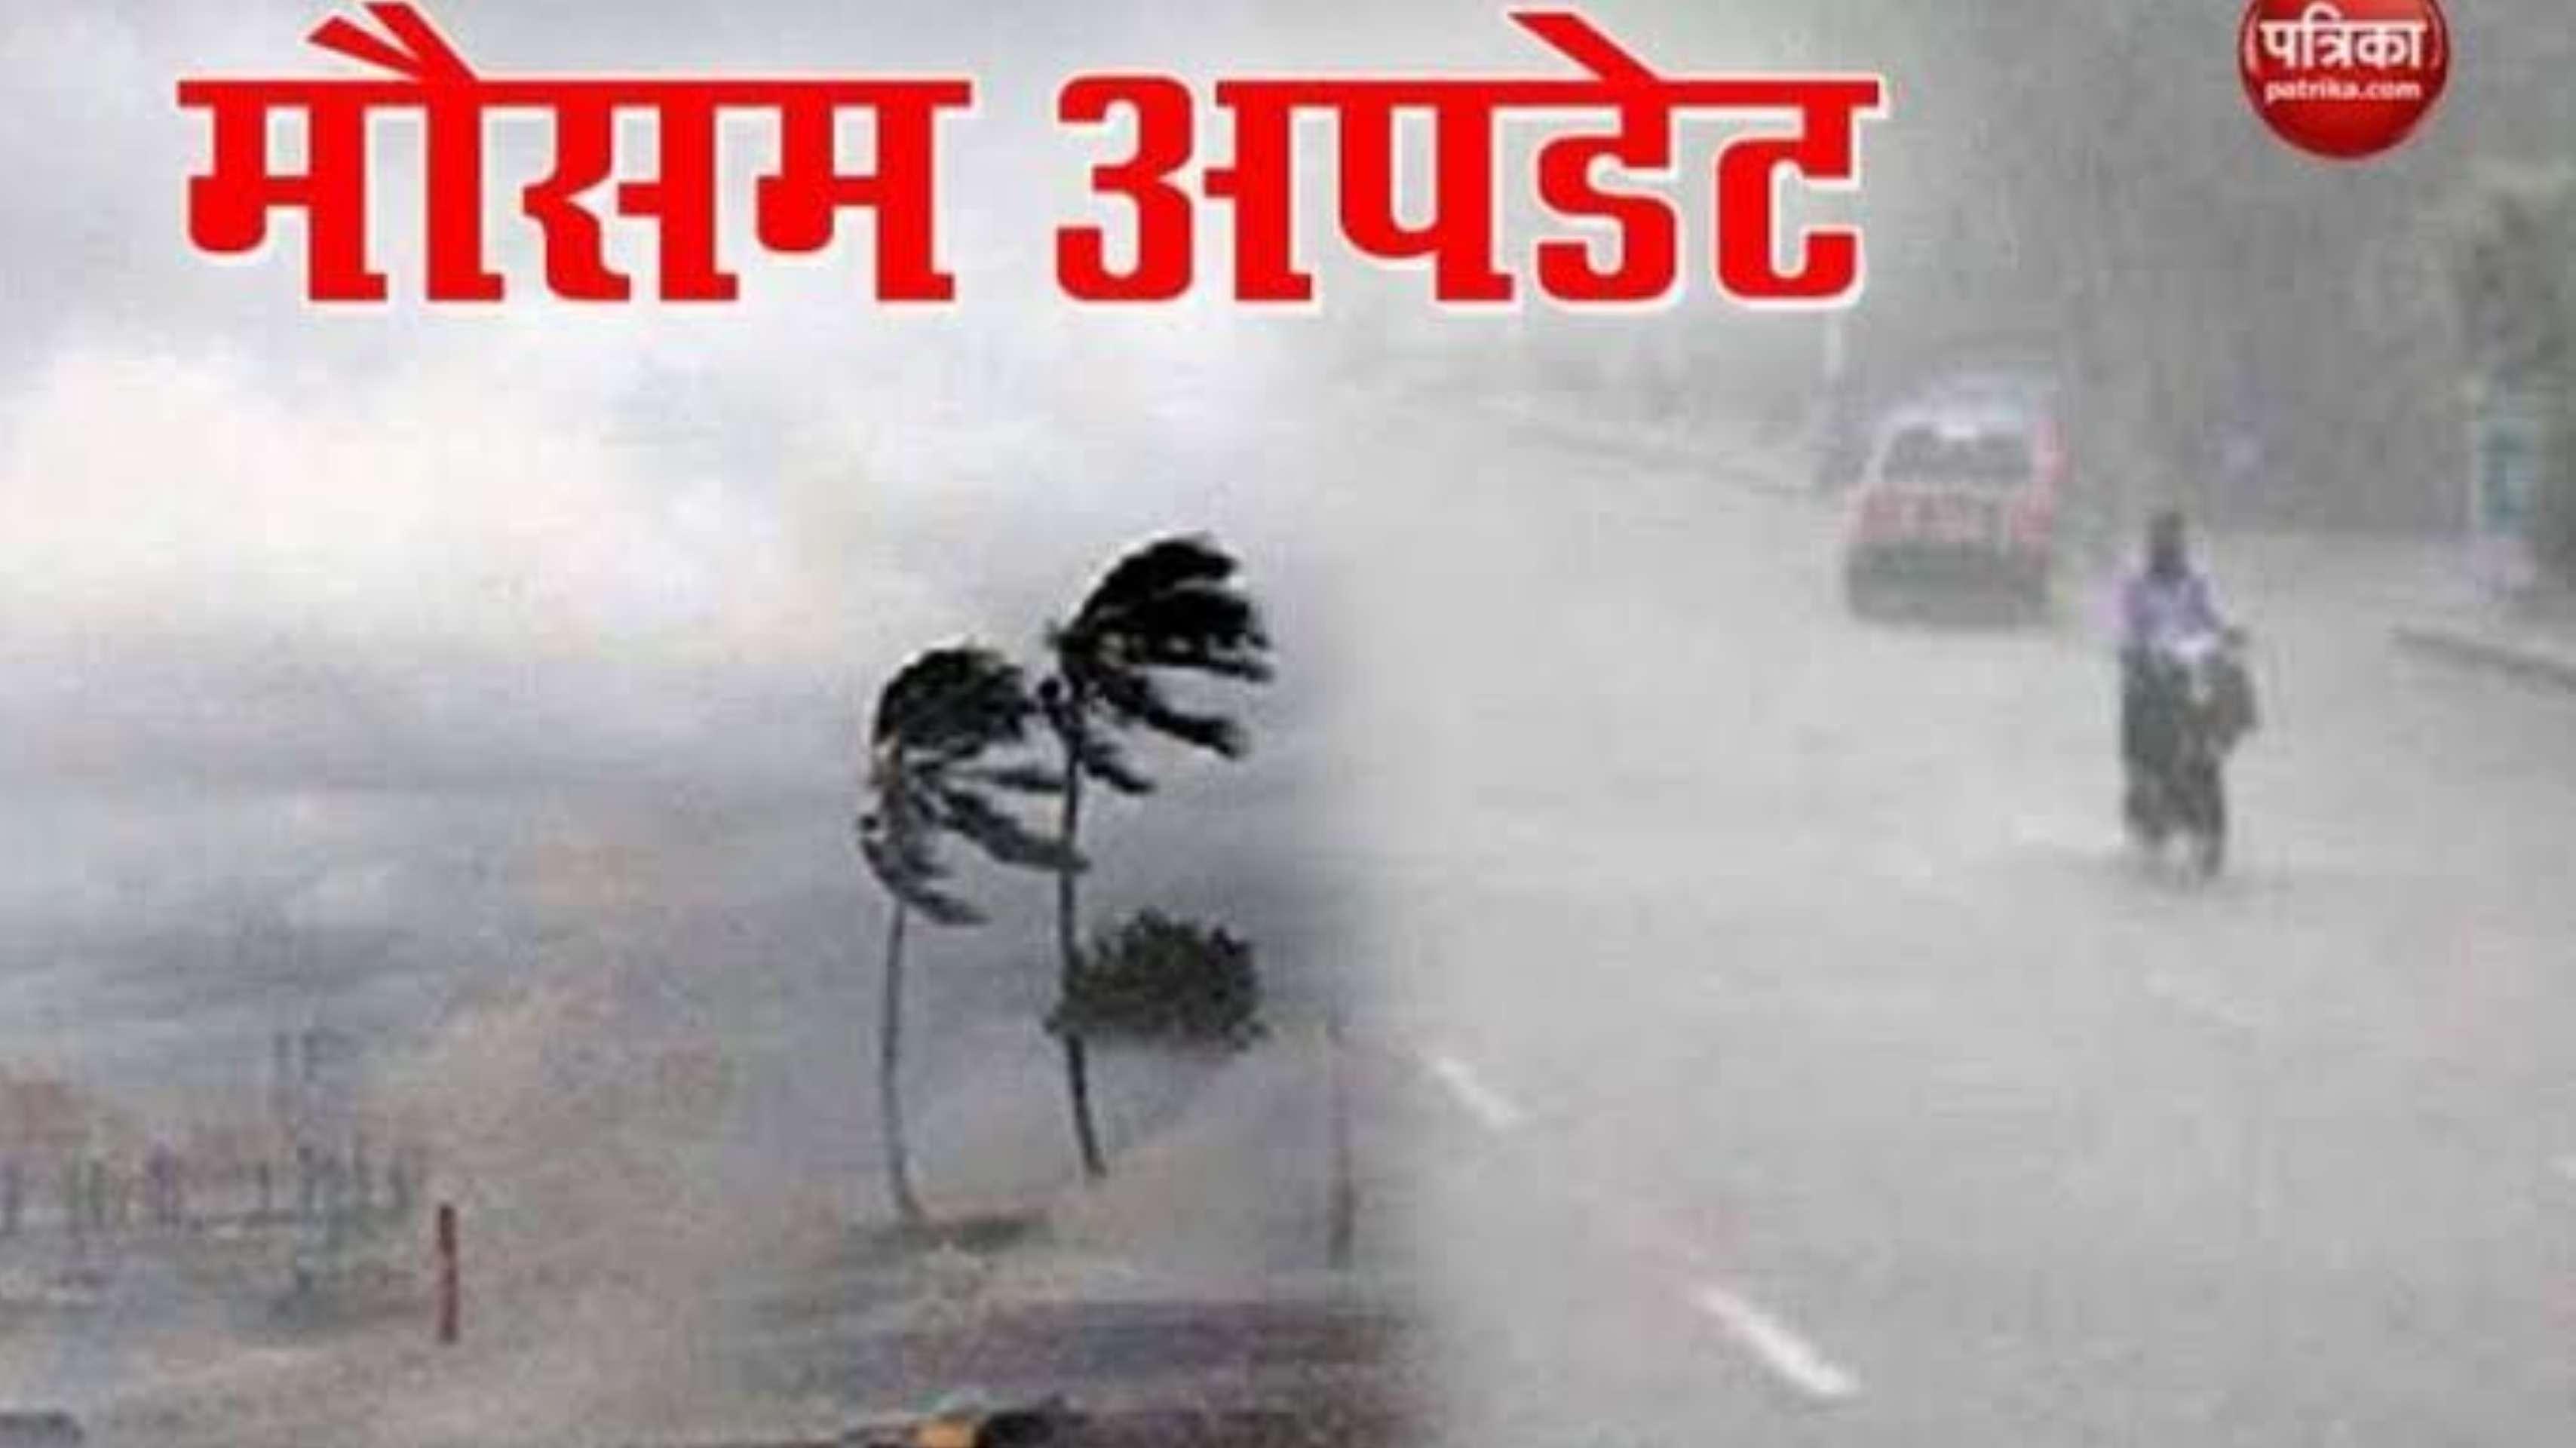 मौसम अपडेट -पूर्वानुमान के अनुसार आंधी तूफान के साथ बादल गरजे, तीन दिन कैसा रहेगा मौसम!